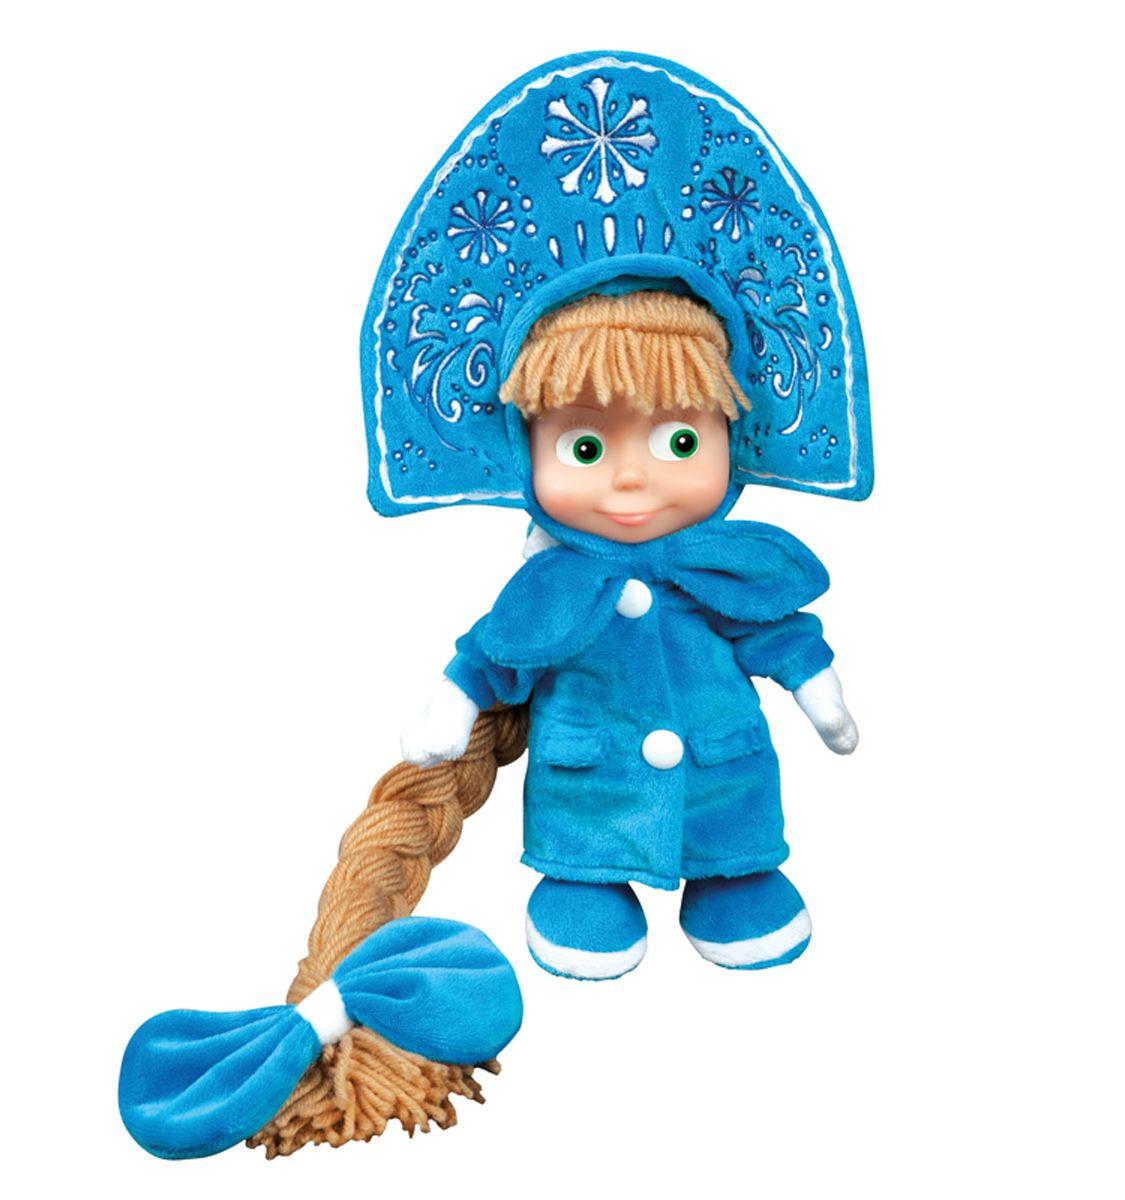 Мульти-Пульти Мягкая игрушка Маша-снегурочка 25 смV86108/25Мягкая игрушка сама по себе ассоциируется с радостью и весельем, конечно, и для наших детей такой подарок станет поистине незабываемым. Забавные, добрые мягкие игрушки радуют детей с самого рождения. Ведь уже в первые месяцы жизни ребенок проявляет интерес к плюшевым зверятам и необычным персонажам. Сначала они помогают ему познавать окружающий мир через тактильные ощущения, знакомят его с животным миром нашей планеты, формируют цветовосприятие и способствуют концентрации внимания.